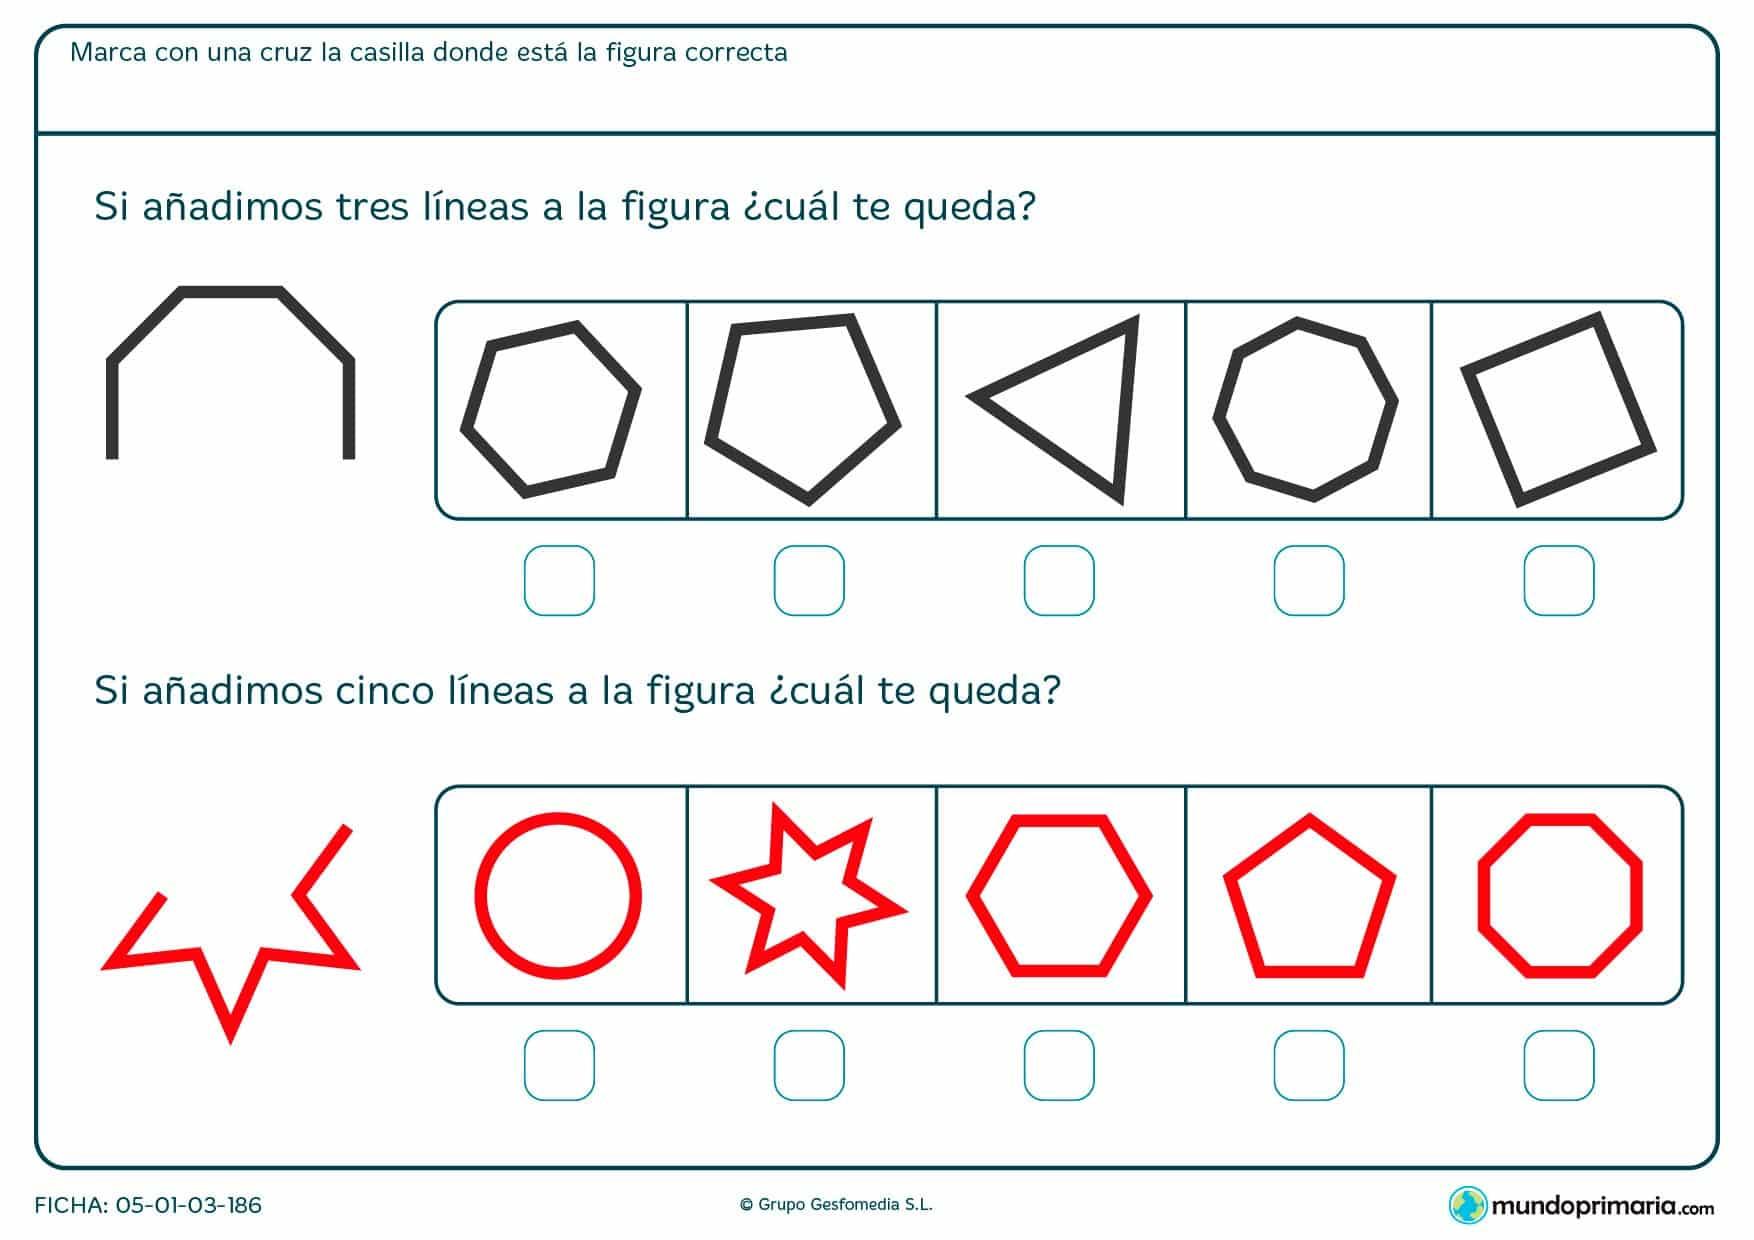 Ficha de completar figura geométricas y señalar con cuál se corresponde según el número de líneas que añadamos.